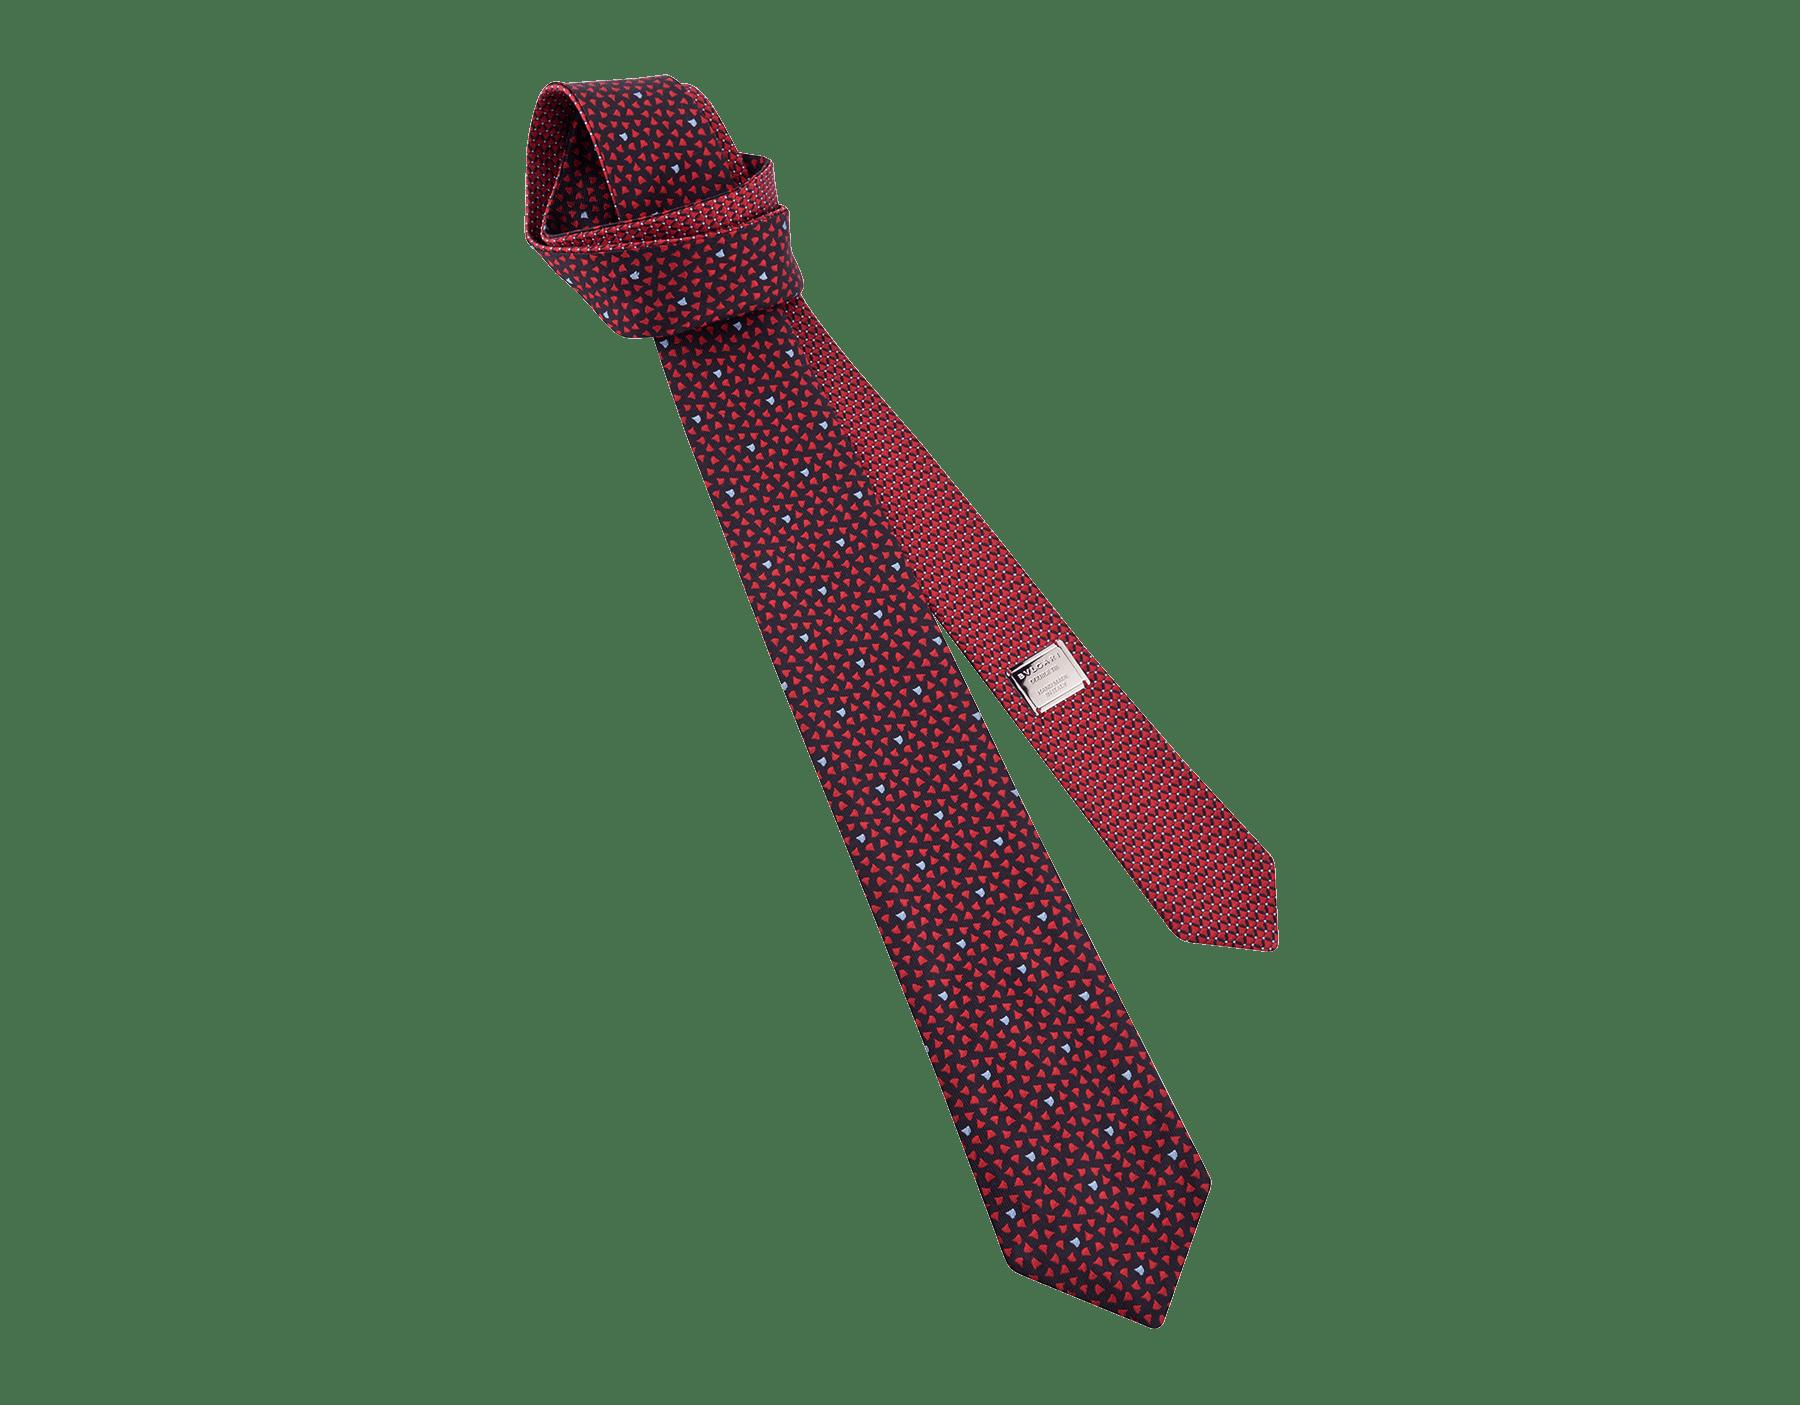 Red Double Diva Heat pattern tie in fine silk. 243431 image 1